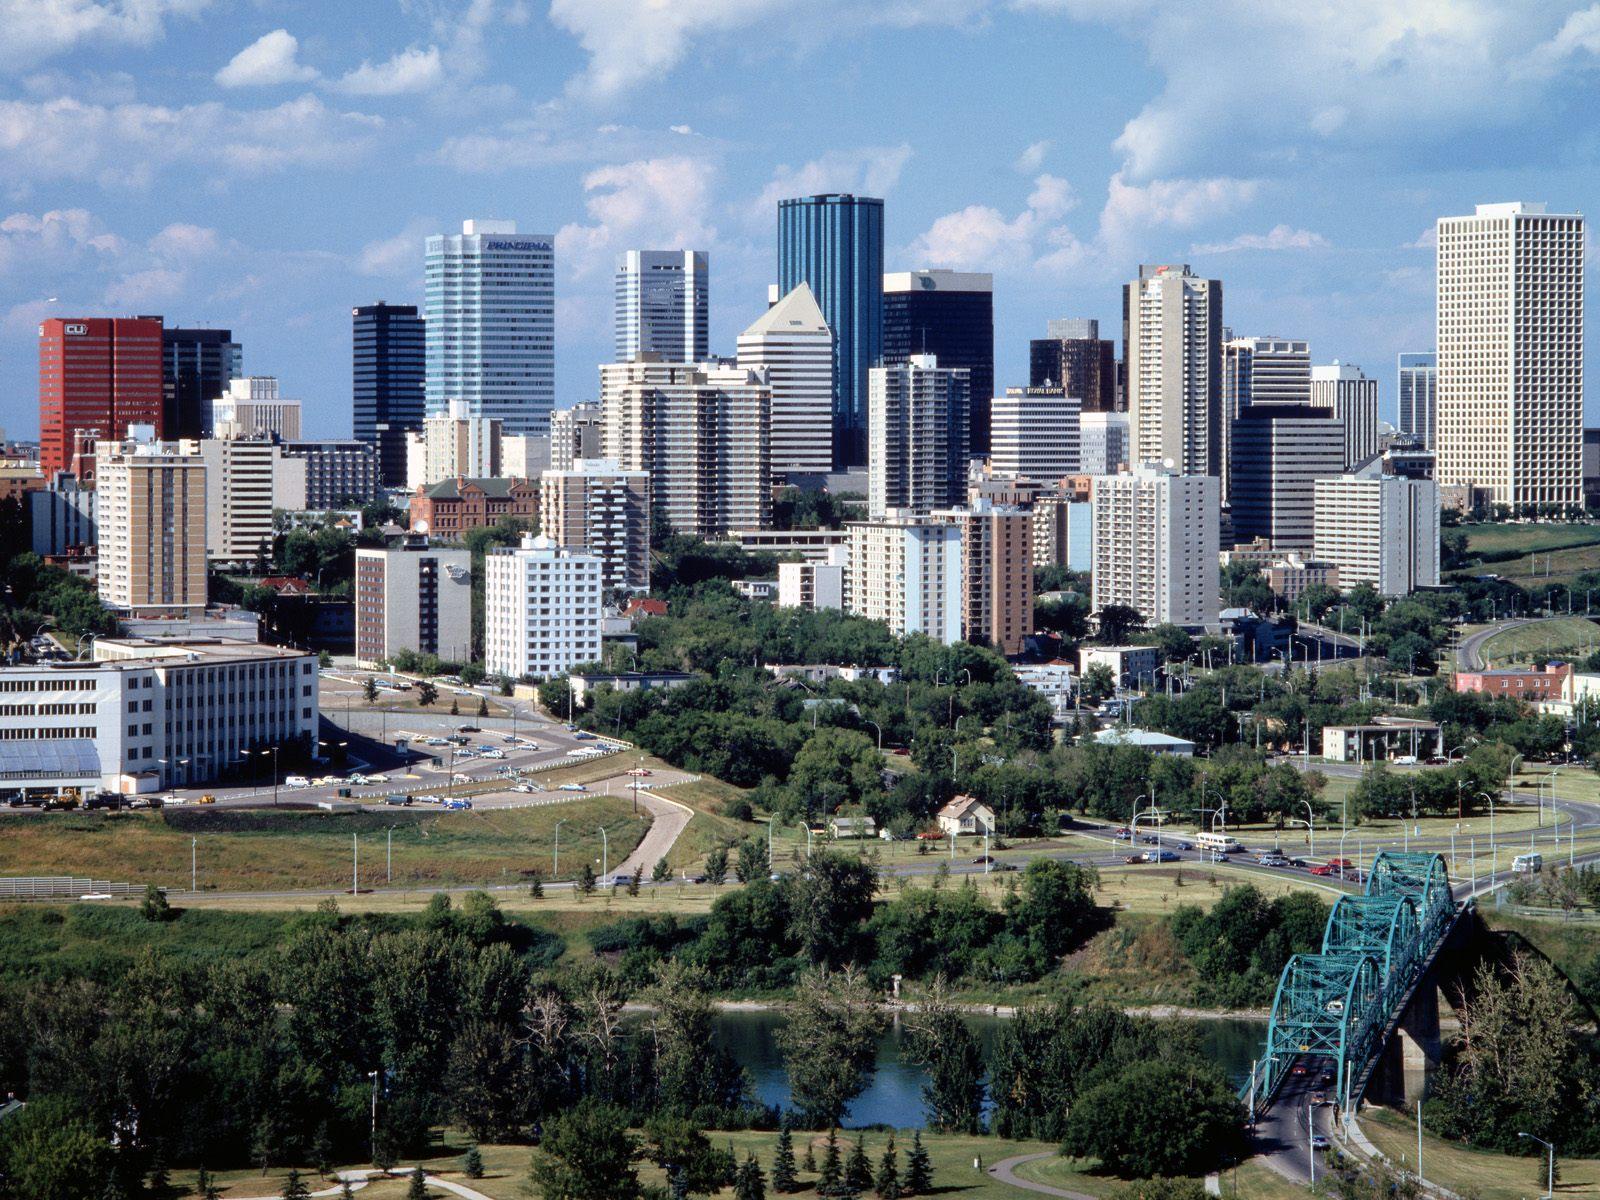 http://2.bp.blogspot.com/-Ib3_8TXxSaE/TeaQEjO6-WI/AAAAAAAAD6w/mU1Je1DIU1Q/s1600/Edmonton_Alberta_Canada.jpg